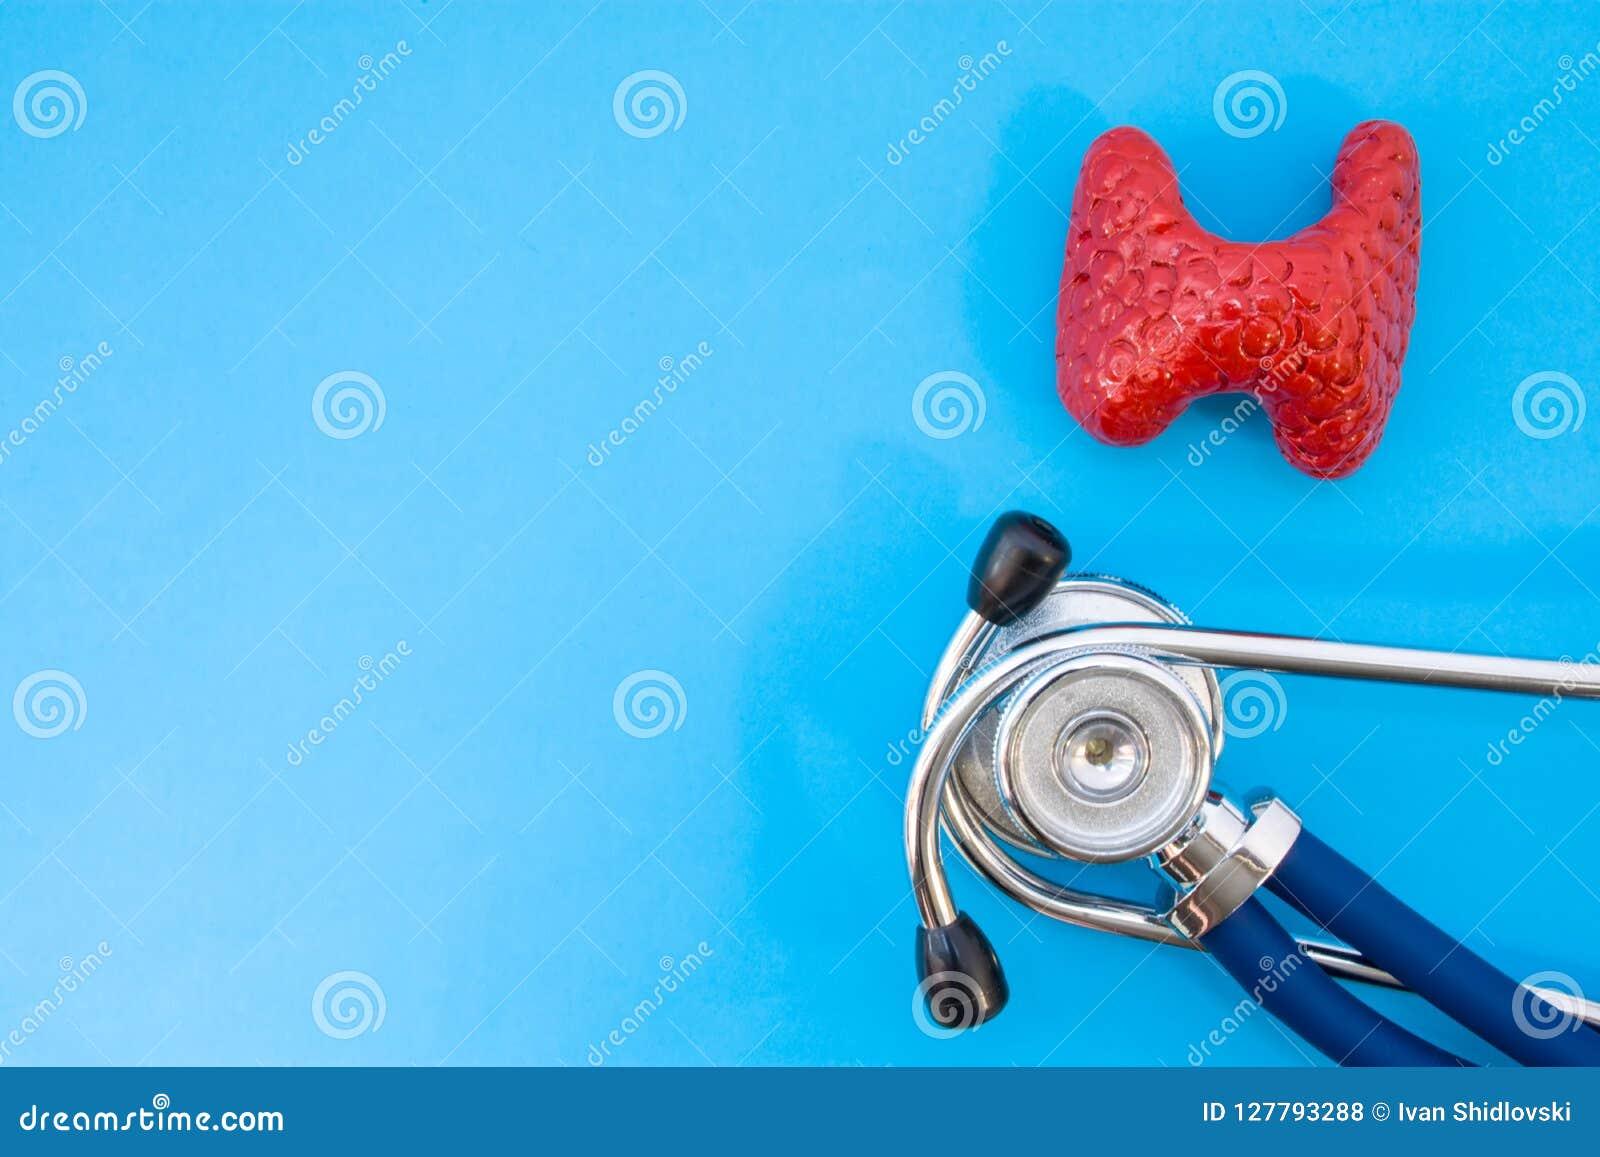 Anatomisches Studienmodell der Schilddrüse und Stethoskop auf blauem Hintergrund besetzen Hälfte des Fotos, im zweiten halb leere